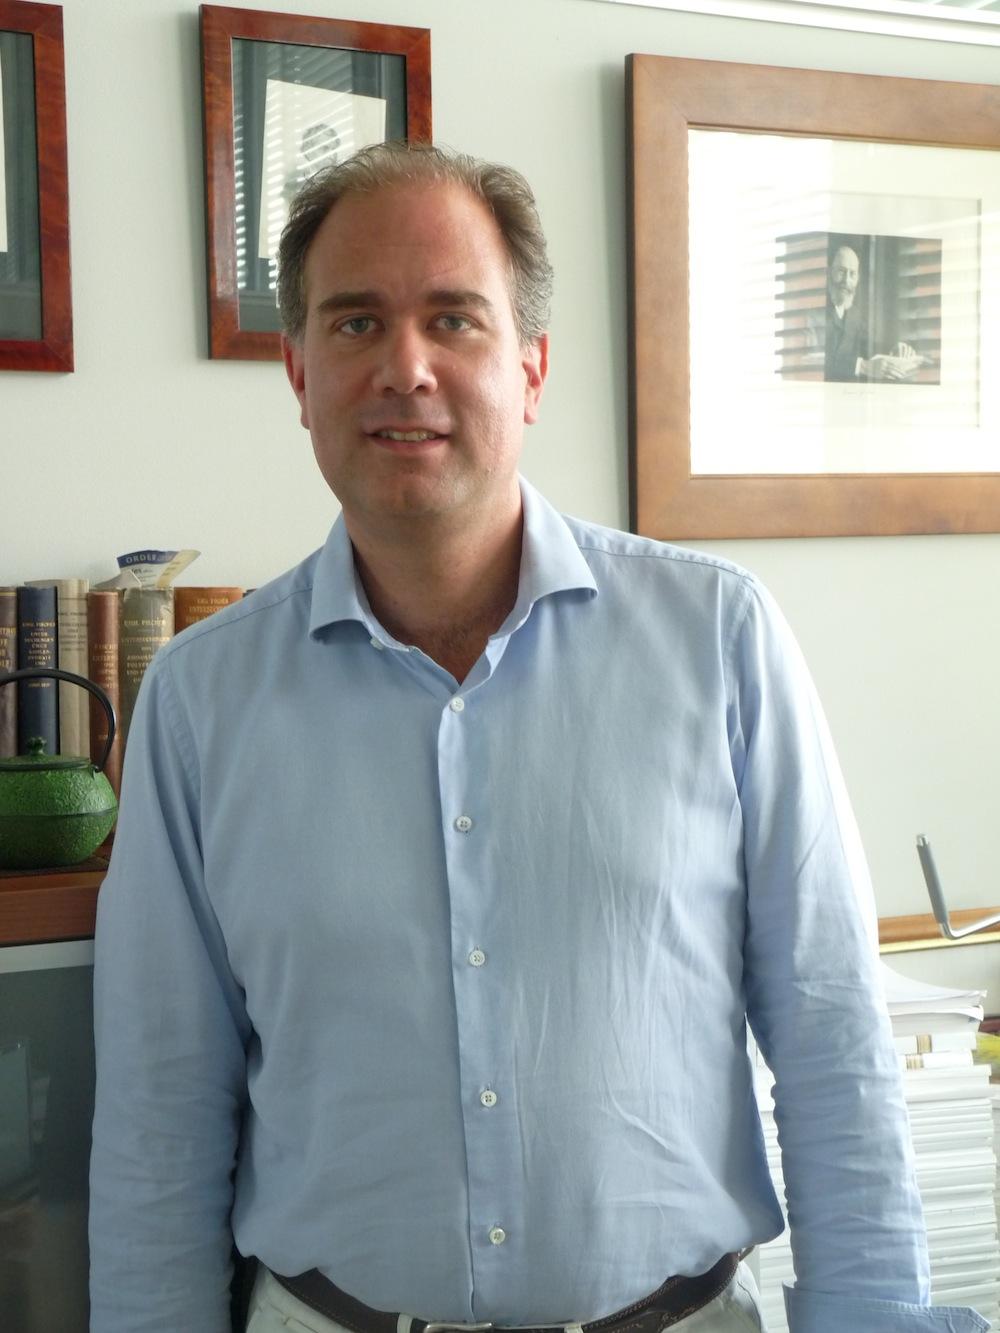 Kilian Muniz